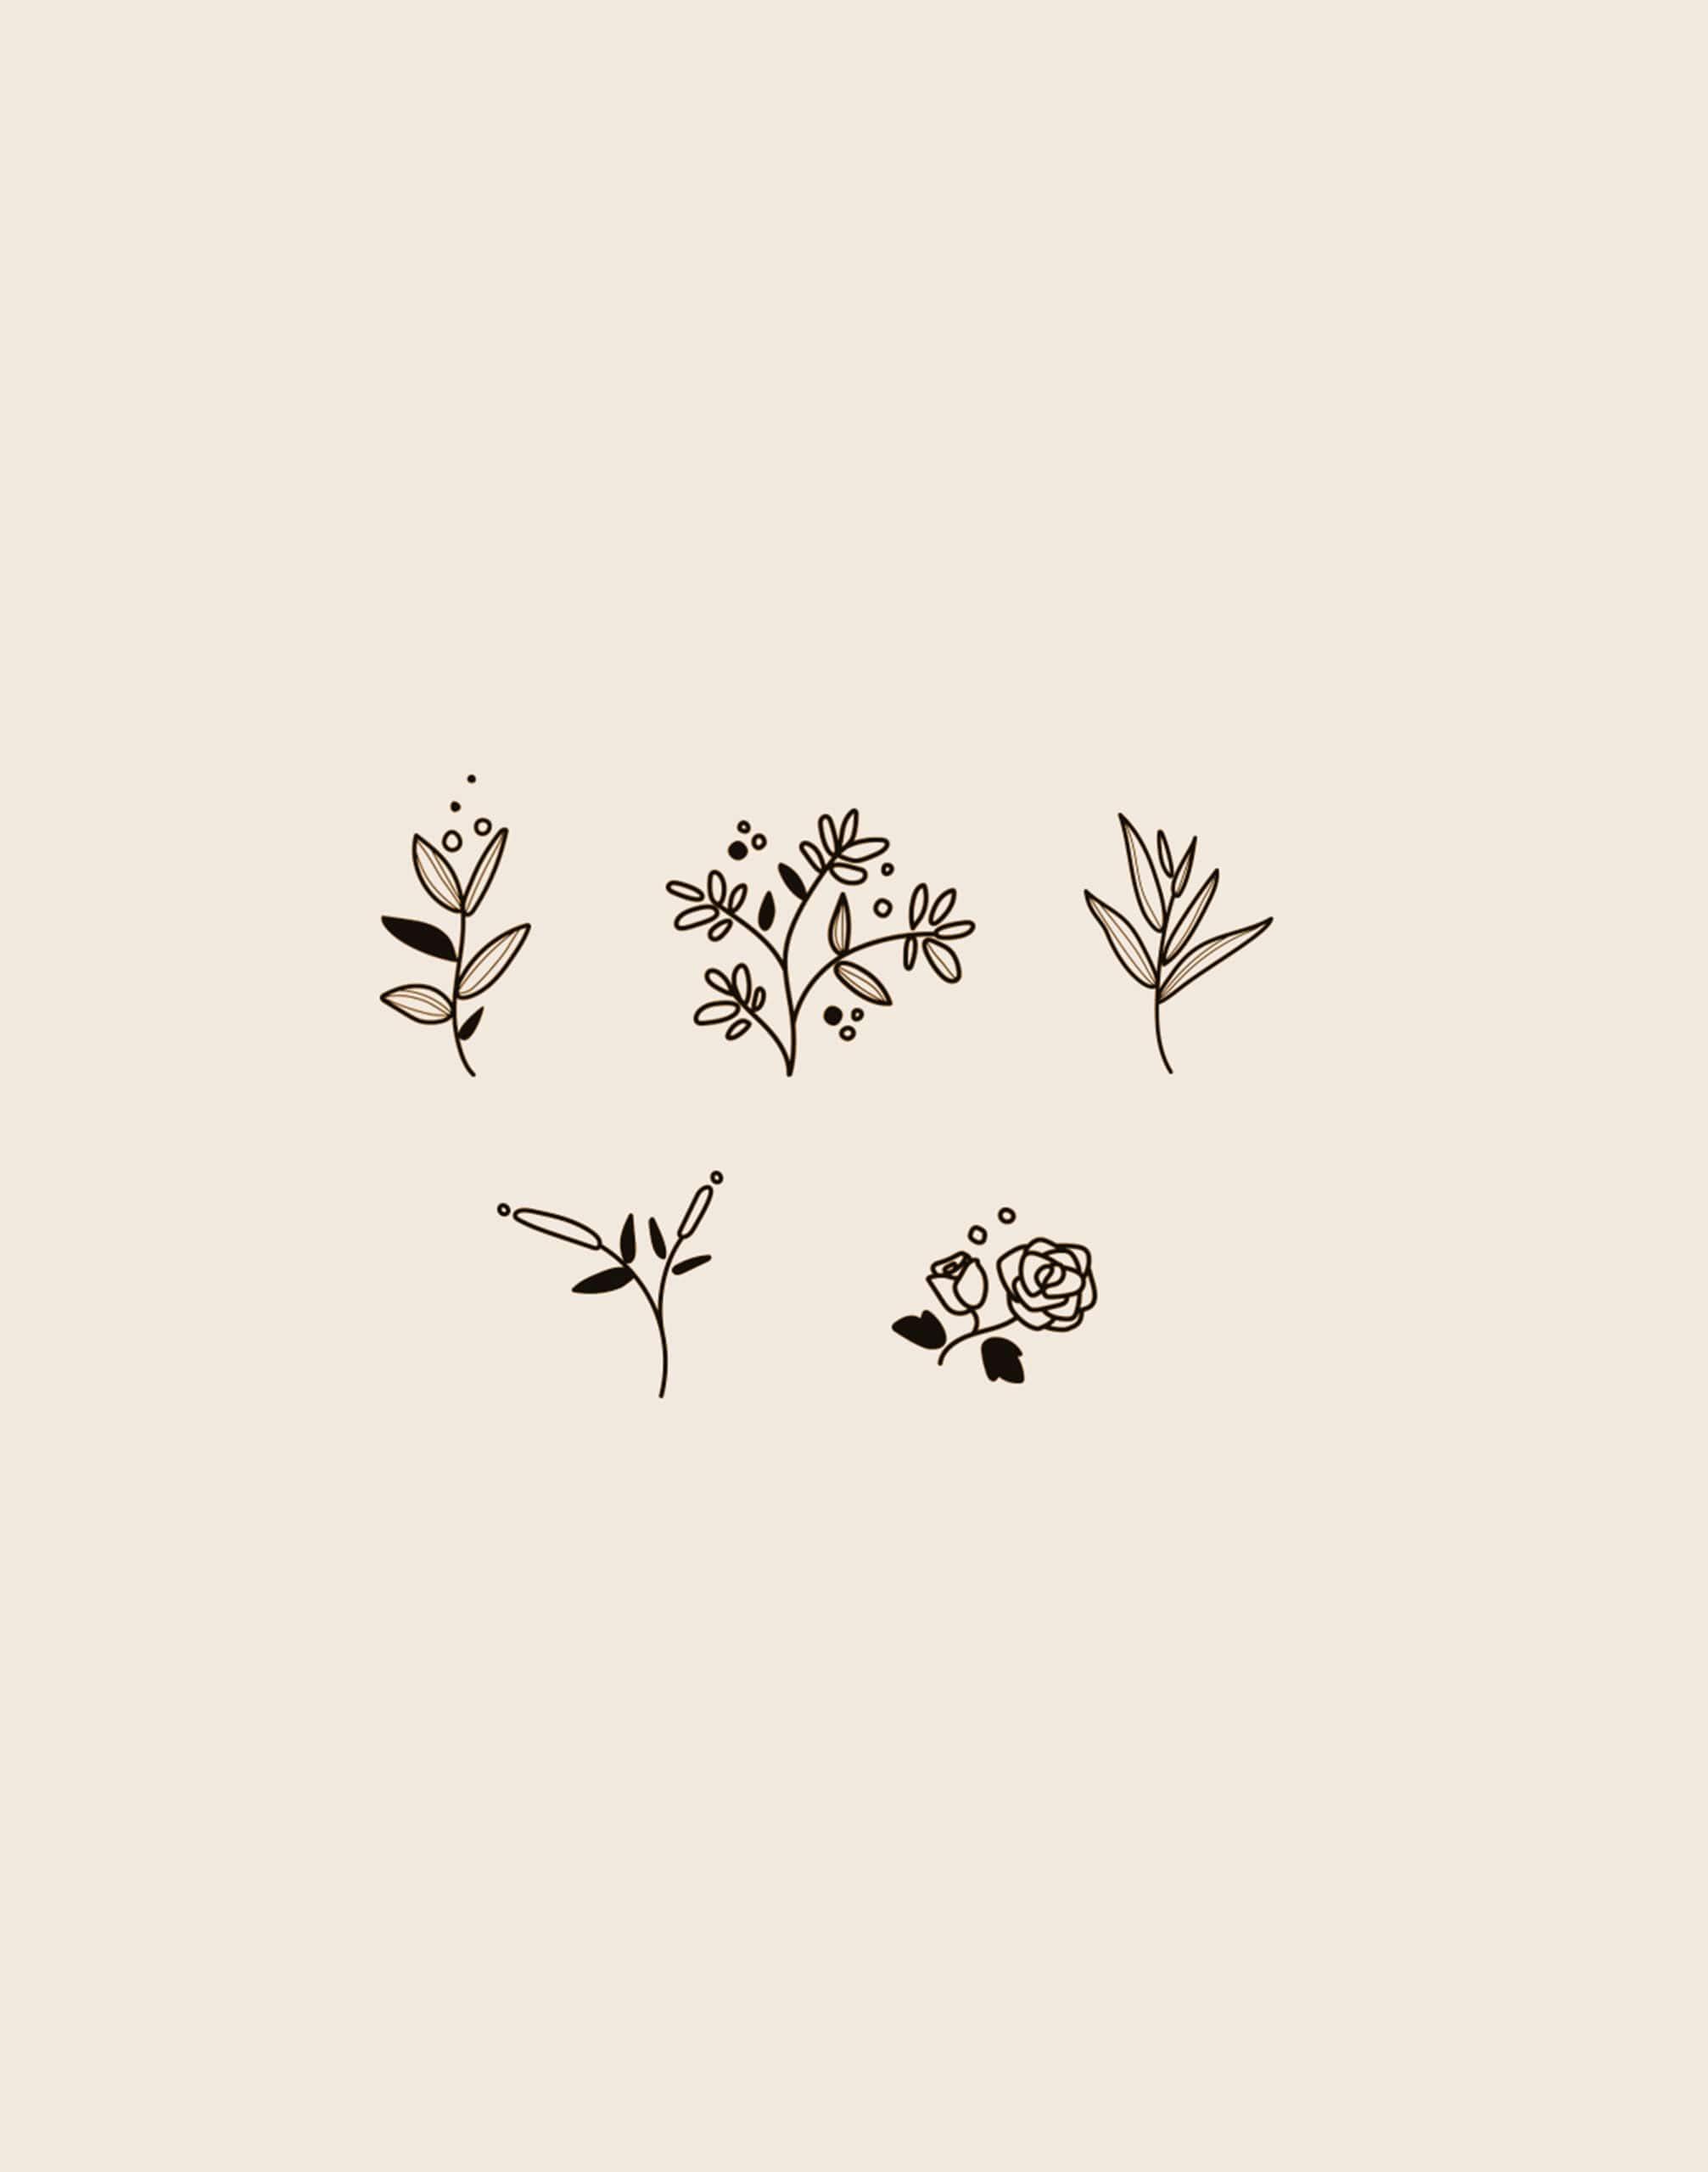 dessin de cinq pictogrammes de fleurs pour l'artisan fleuriste Flor